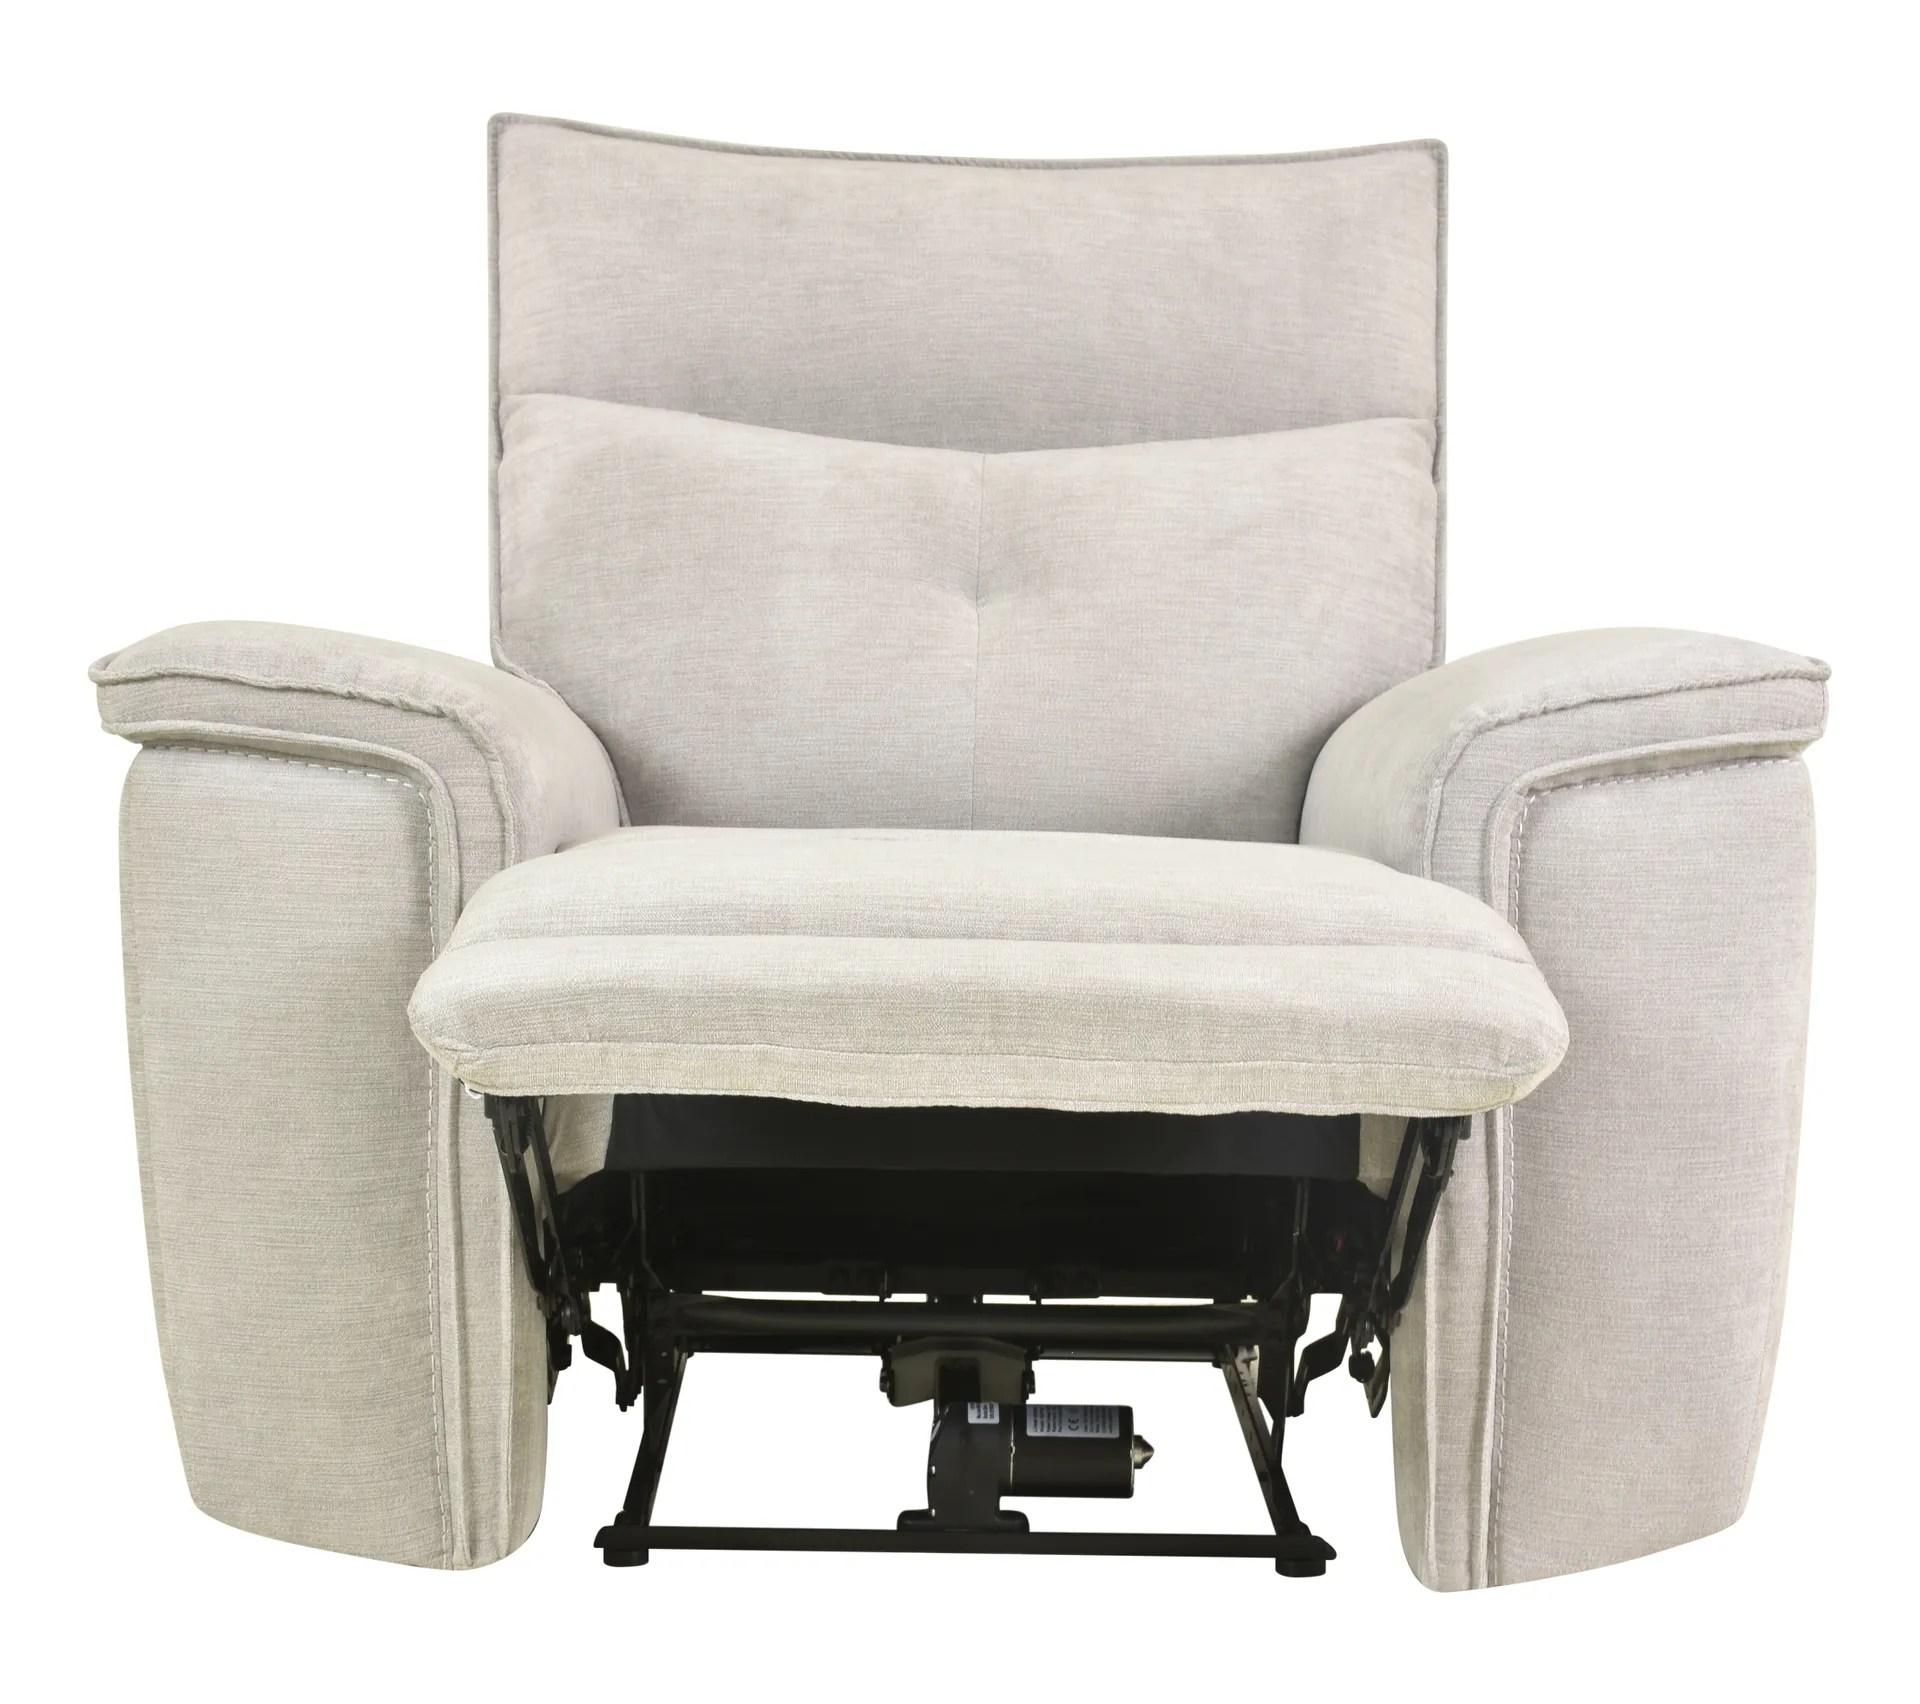 fauteuil relax 2 moteurs adam tissu gris beige